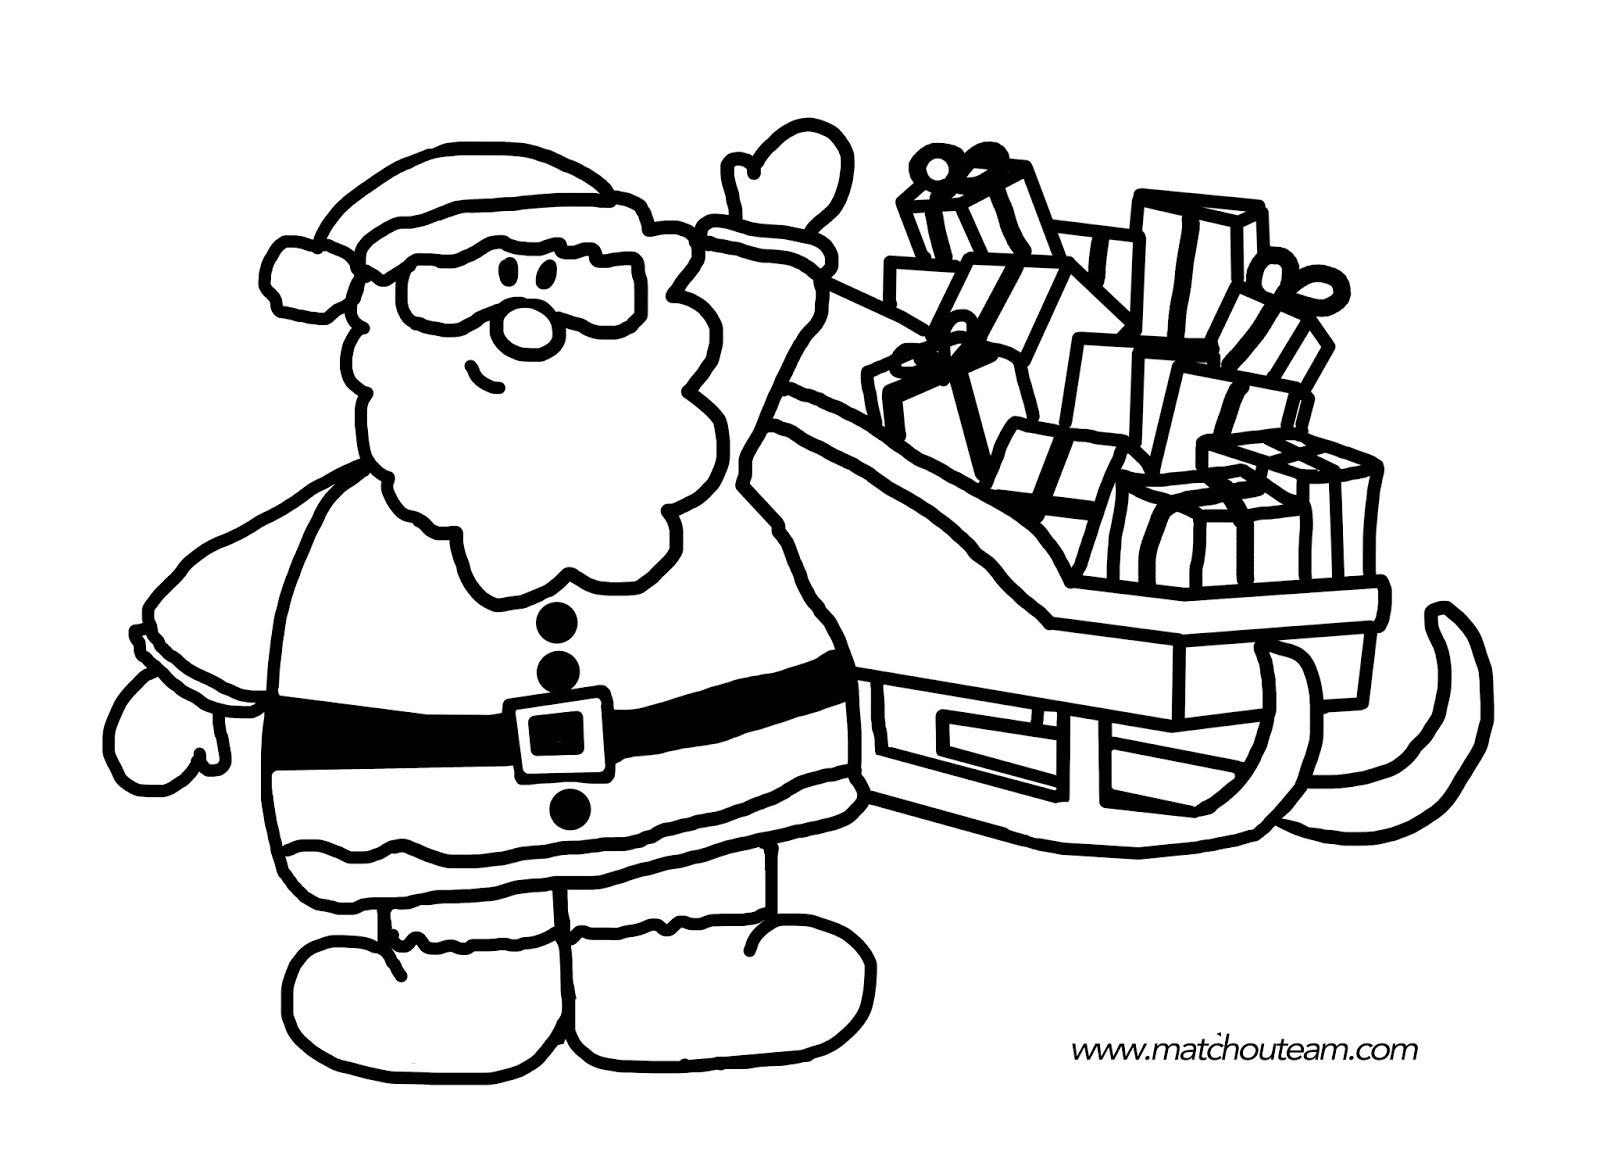 Dessin Pere Noel A Colorier En Ligne destiné Coloriage De Père Noel Gratuit A Imprimer